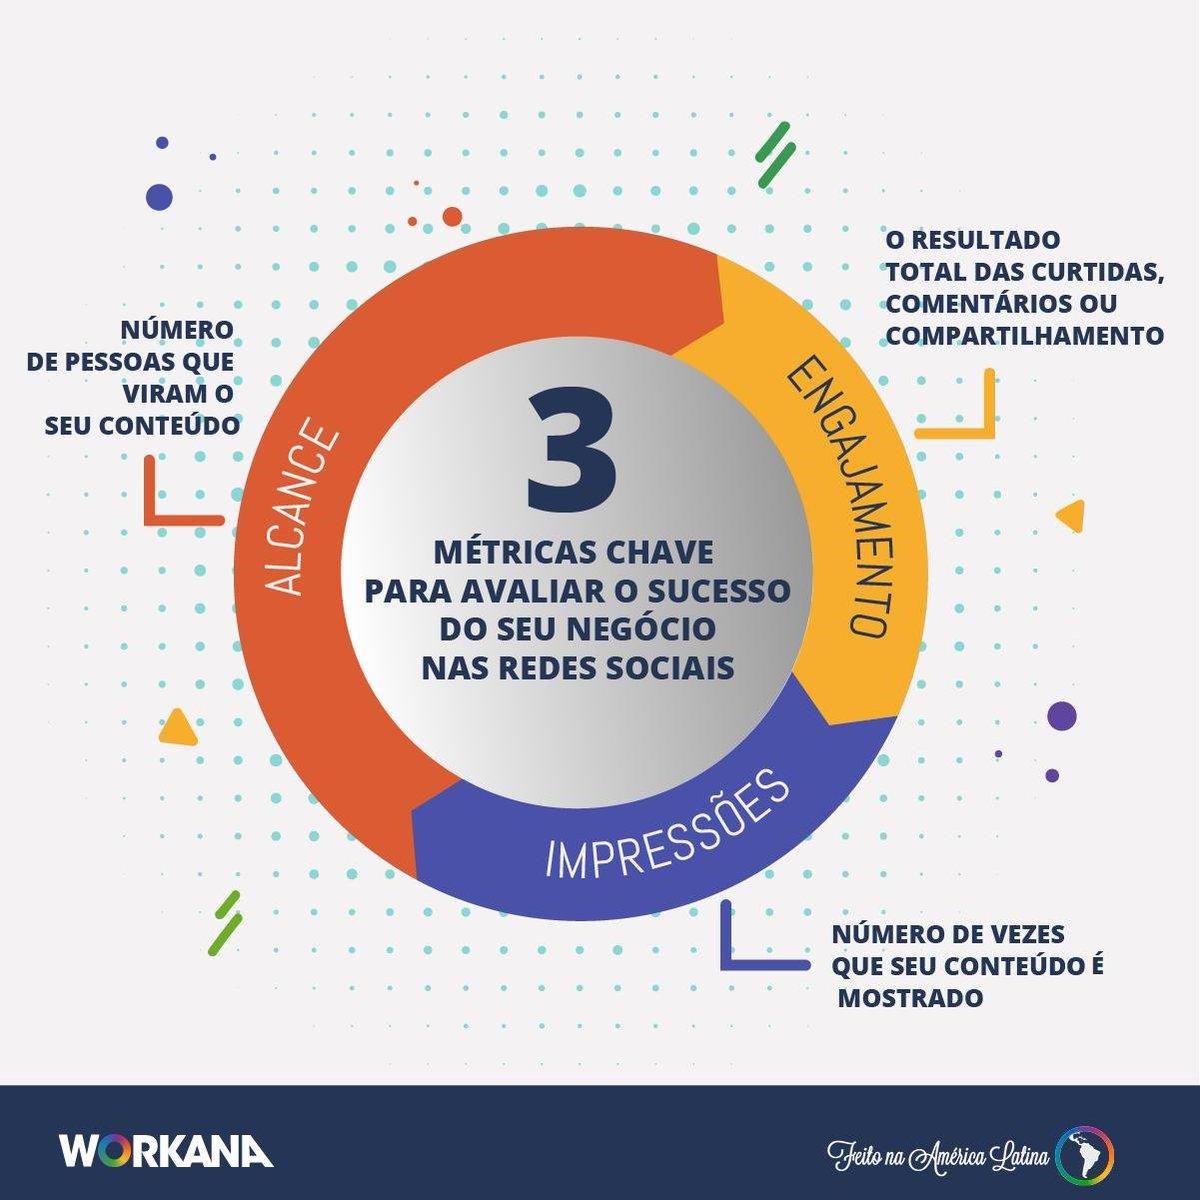 Agora o @instagram tirou a visualização 👀 dos likes para os seguidores....será que isso tem algum impacto no engajamento? Conheça mais sobre essa métrica 👉 https://www.workana.com/blog/pt/emprendimientopt/metricas-que-um-freelancer-especialista-em-redes-sociais-deve-avaliar/?utm_source=KingCont&utm_medium=tw&utm_content=workanabr&utm_campaign=Contenidos25… #redessociais #socialmedia #freelancer #marketingdigital #empreendedorismo #RRSS #Startup